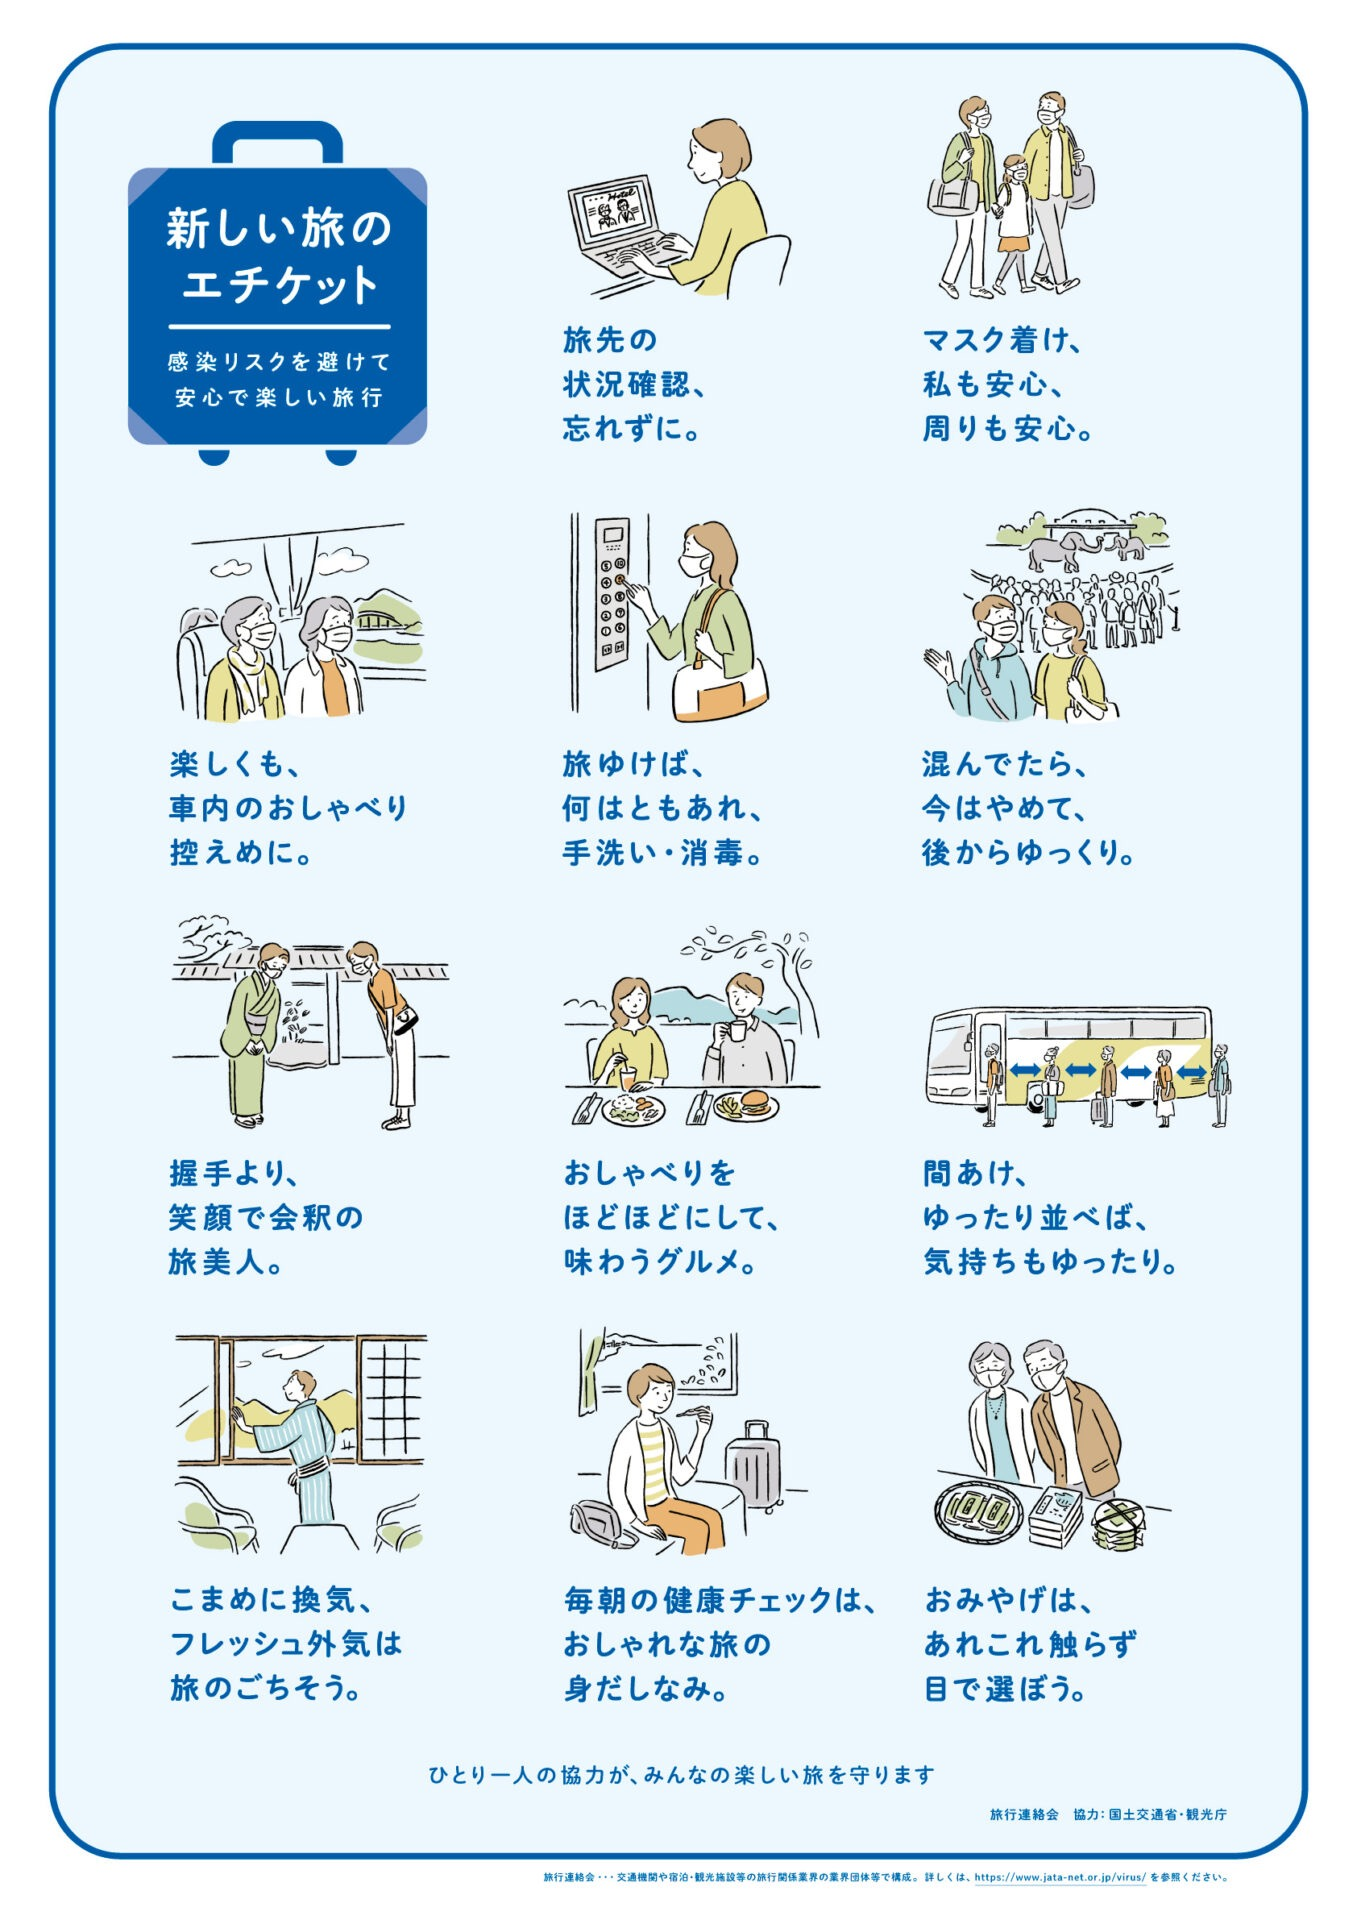 新型コロナウイルス感染症対策取組宣言・Go To トラベル キャンペーン